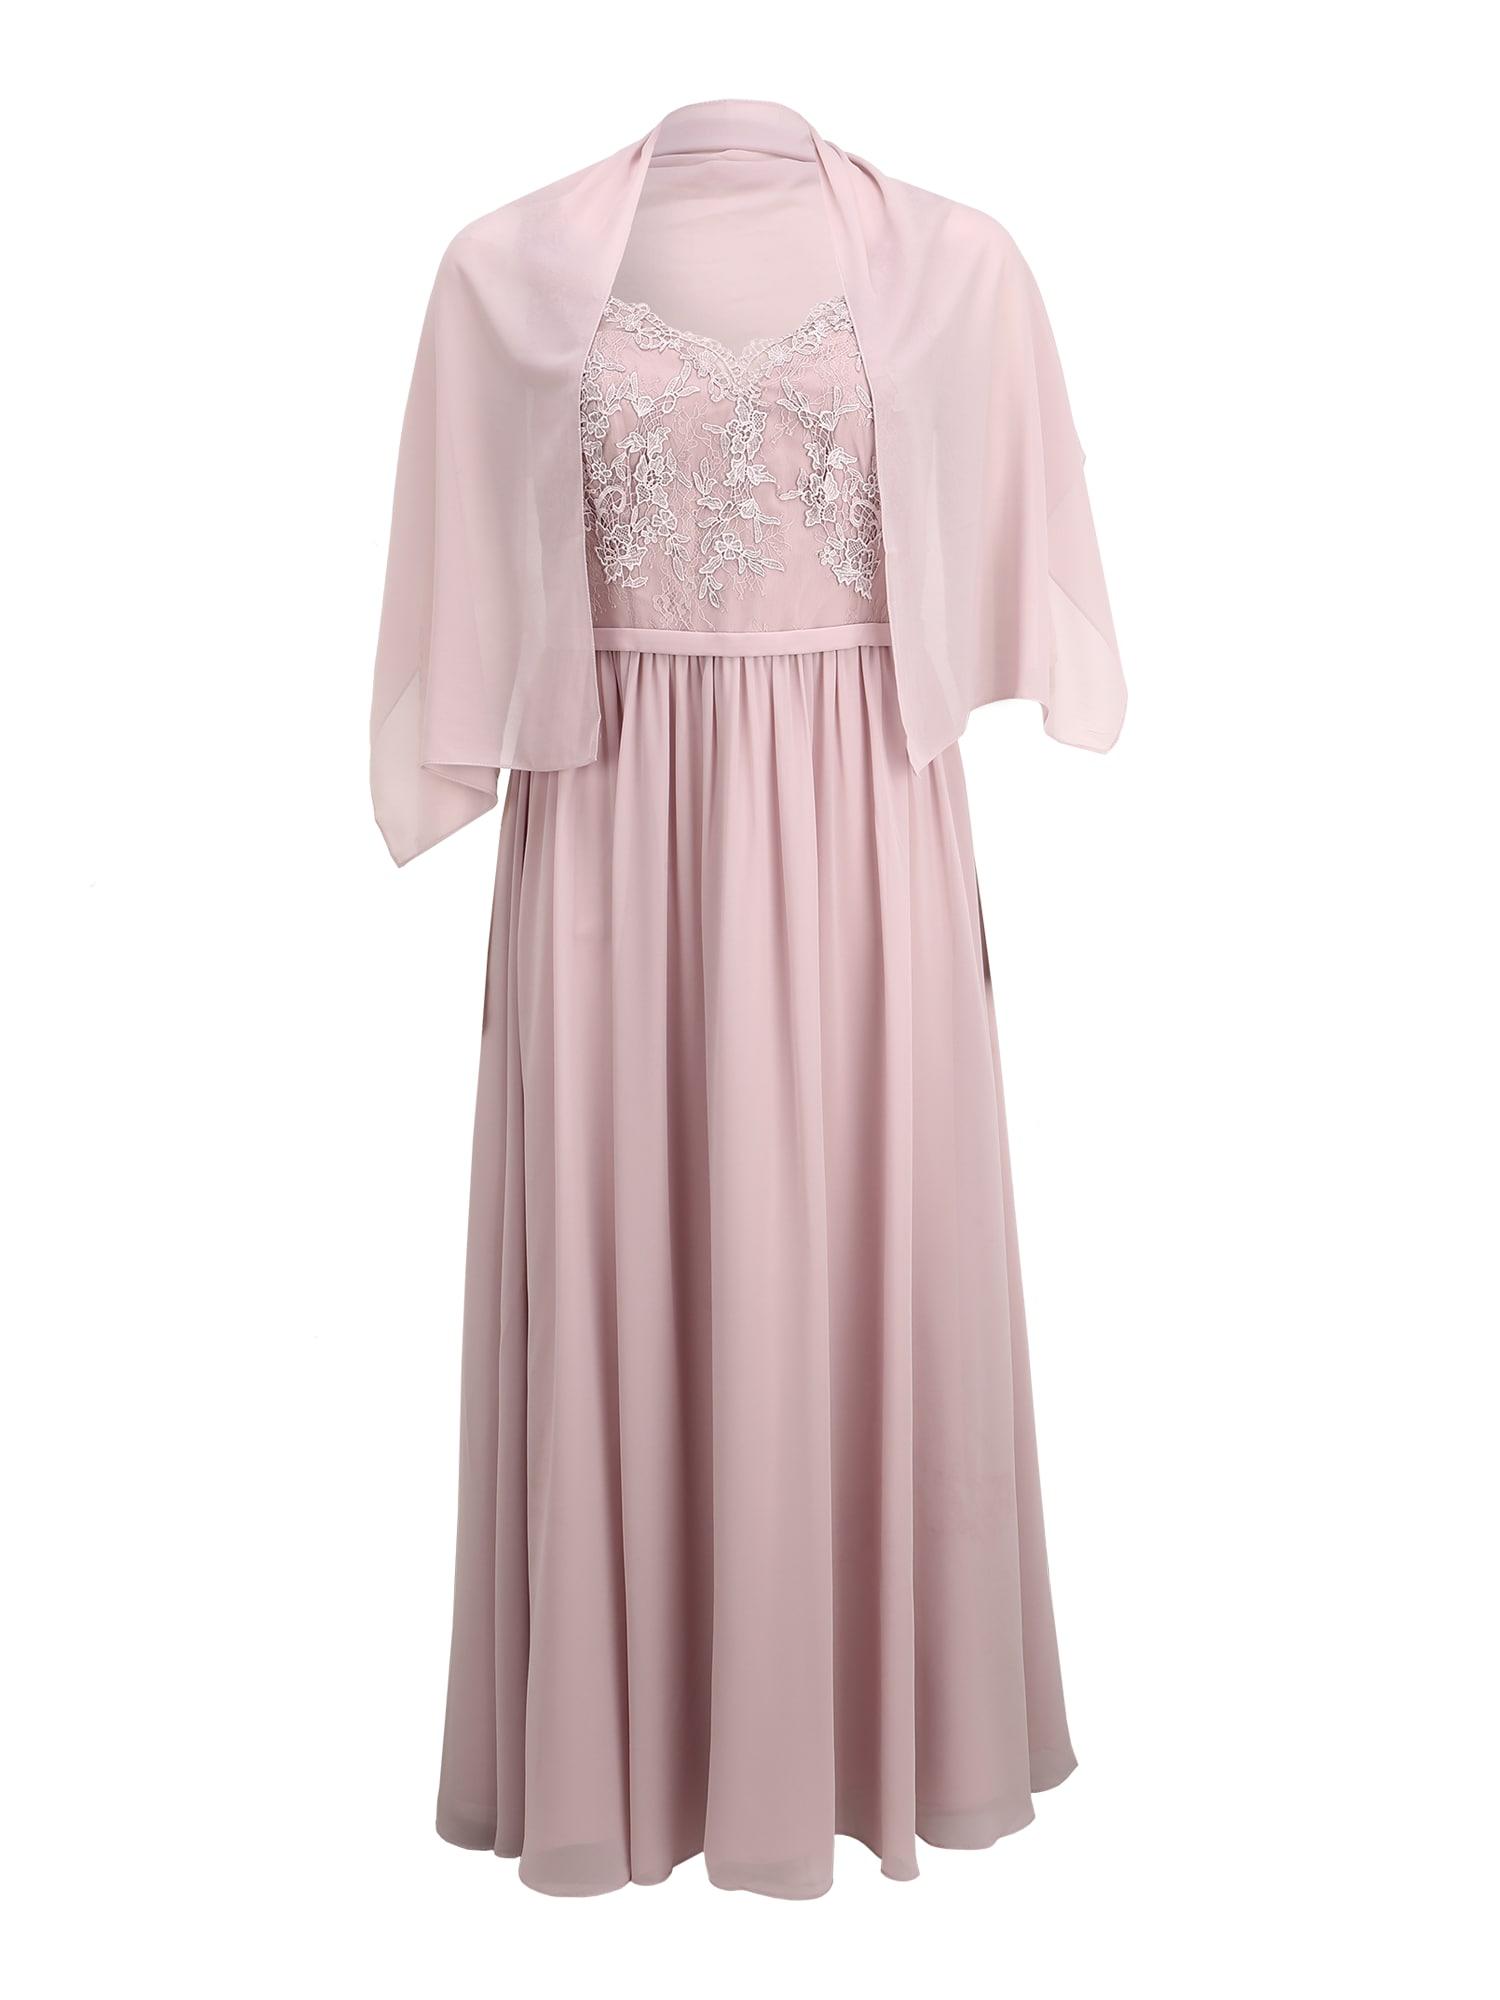 My Mascara Curves Vakarinė suknelė rožinė